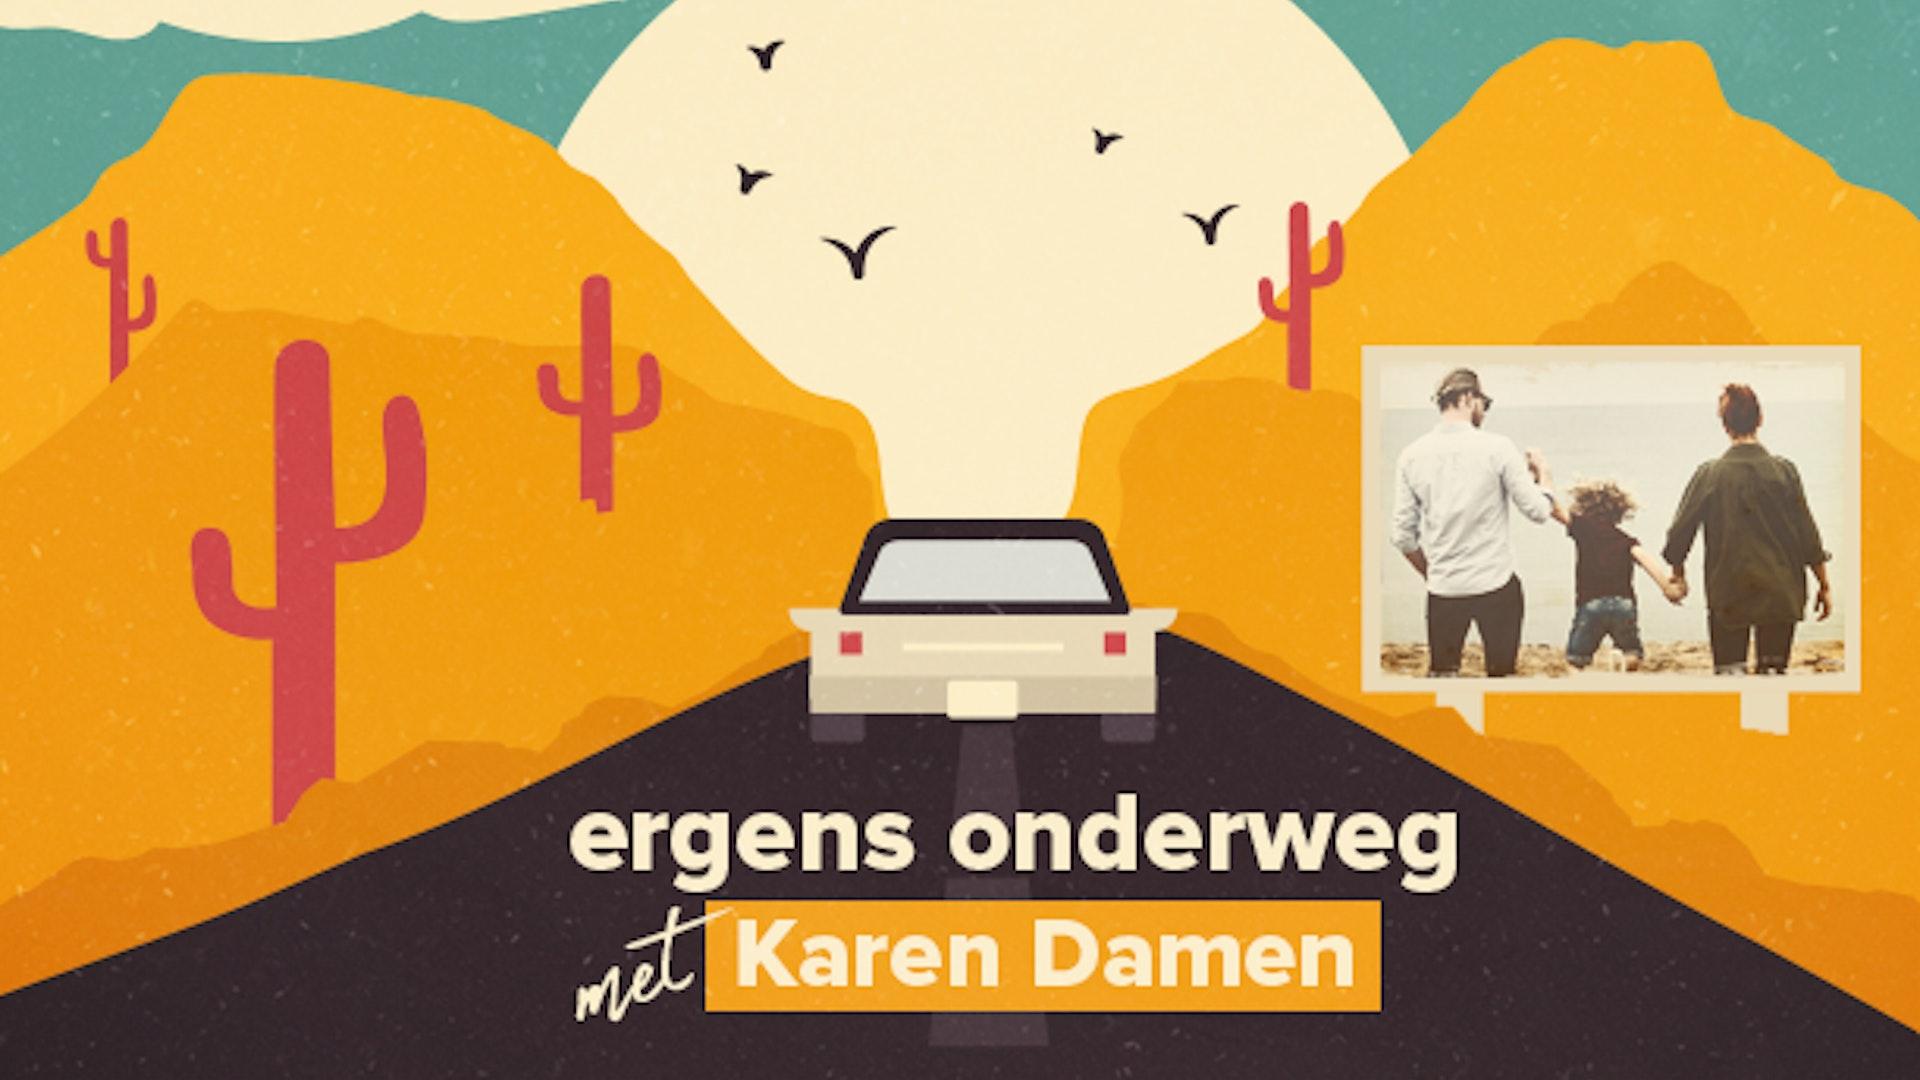 Ergens onderweg met Karen Damen